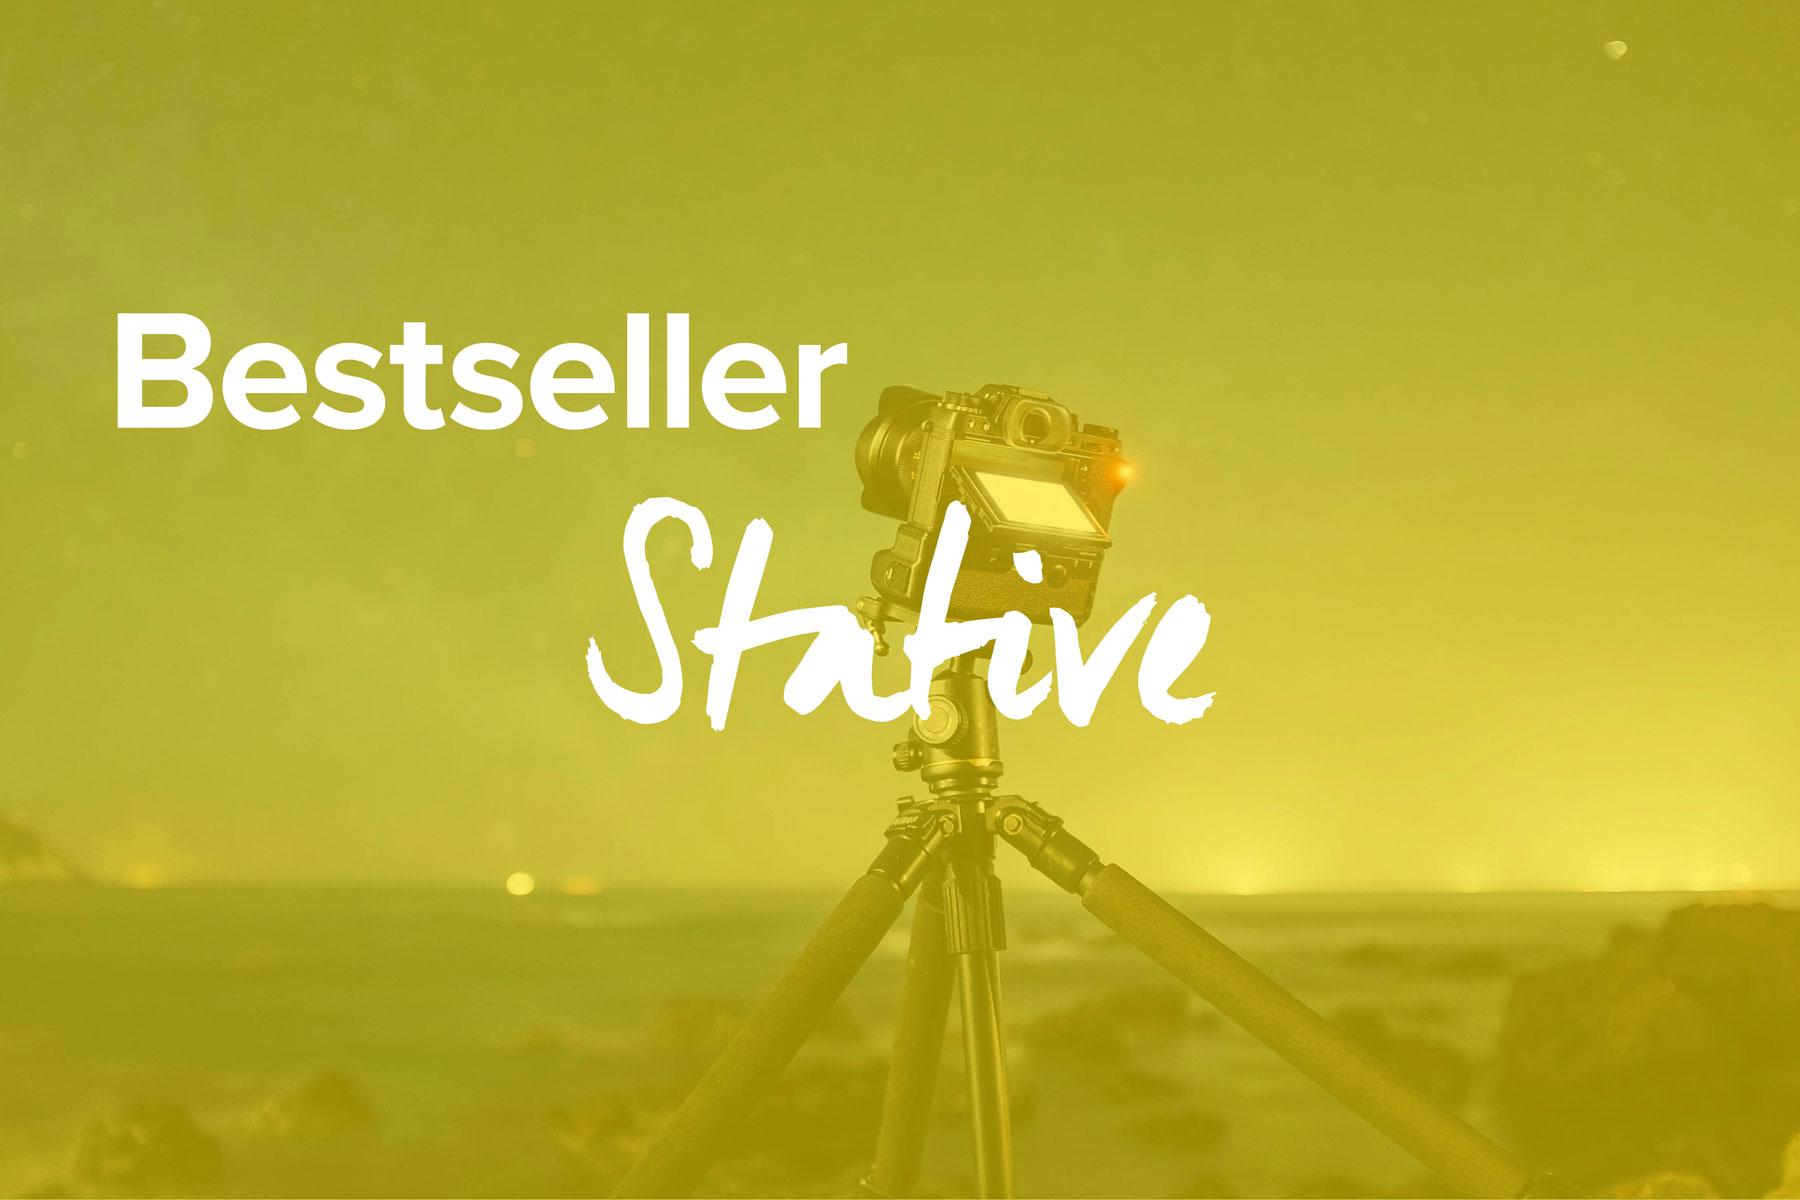 Bestseller Stative